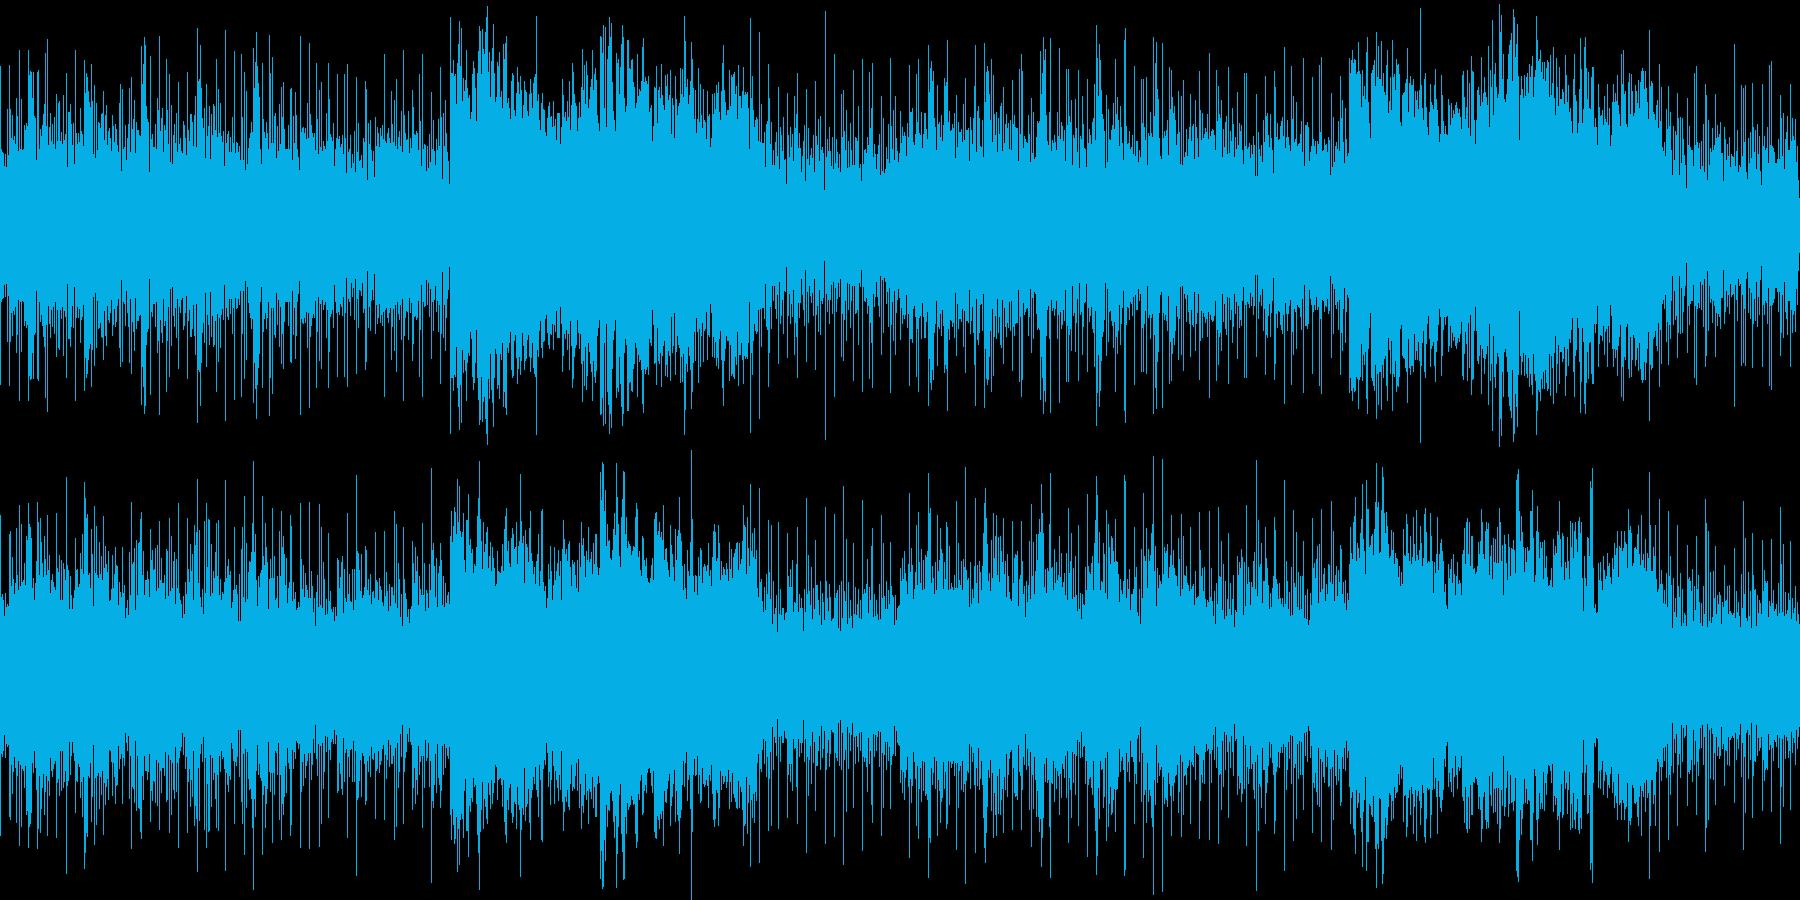 ホラー要素の強い不安定なアンビエントの再生済みの波形